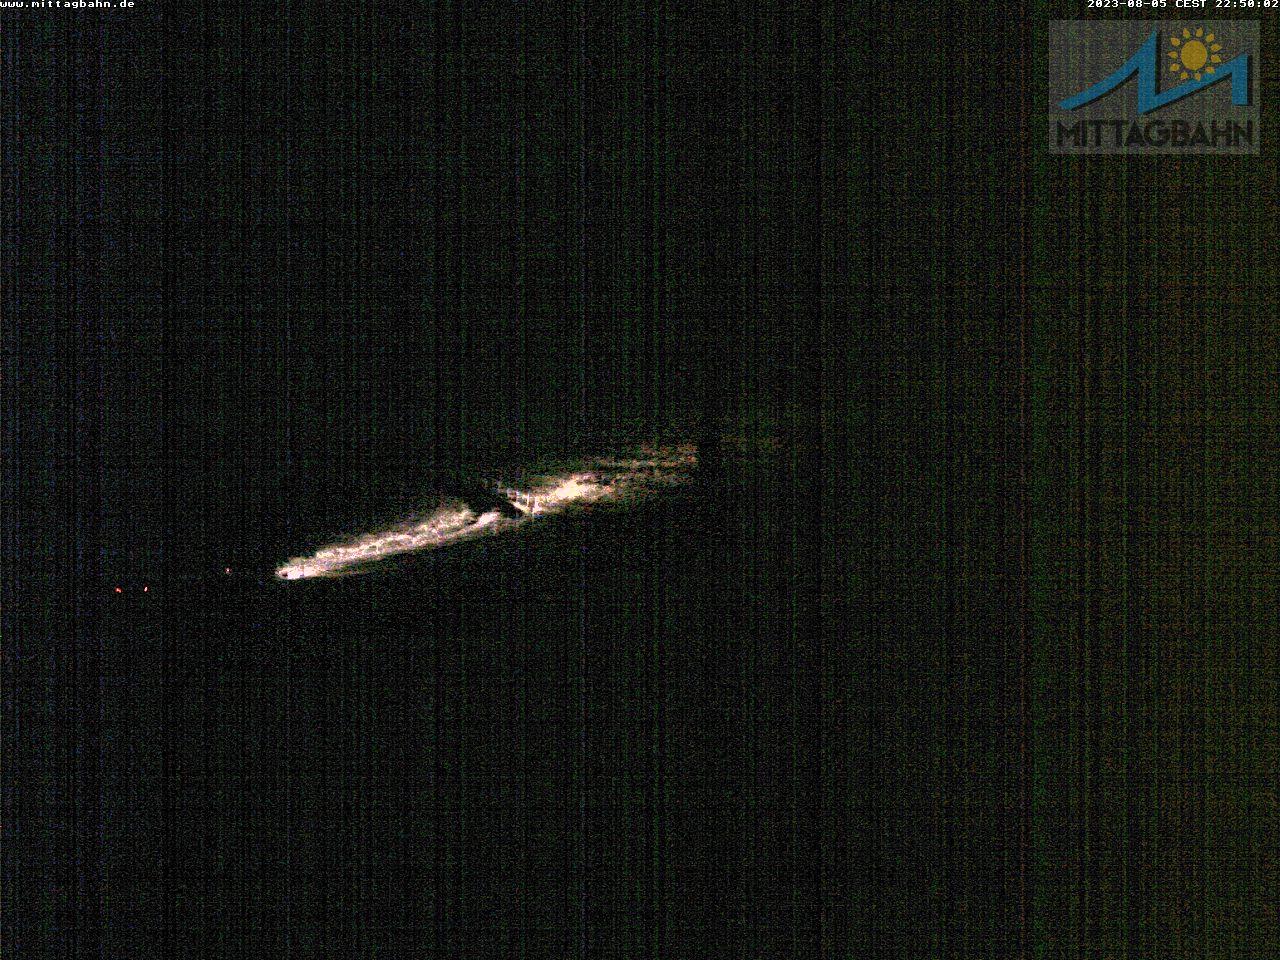 Webcam Skigebied Immenstadt - Mittag cam 4 - Allg�uer Alpen